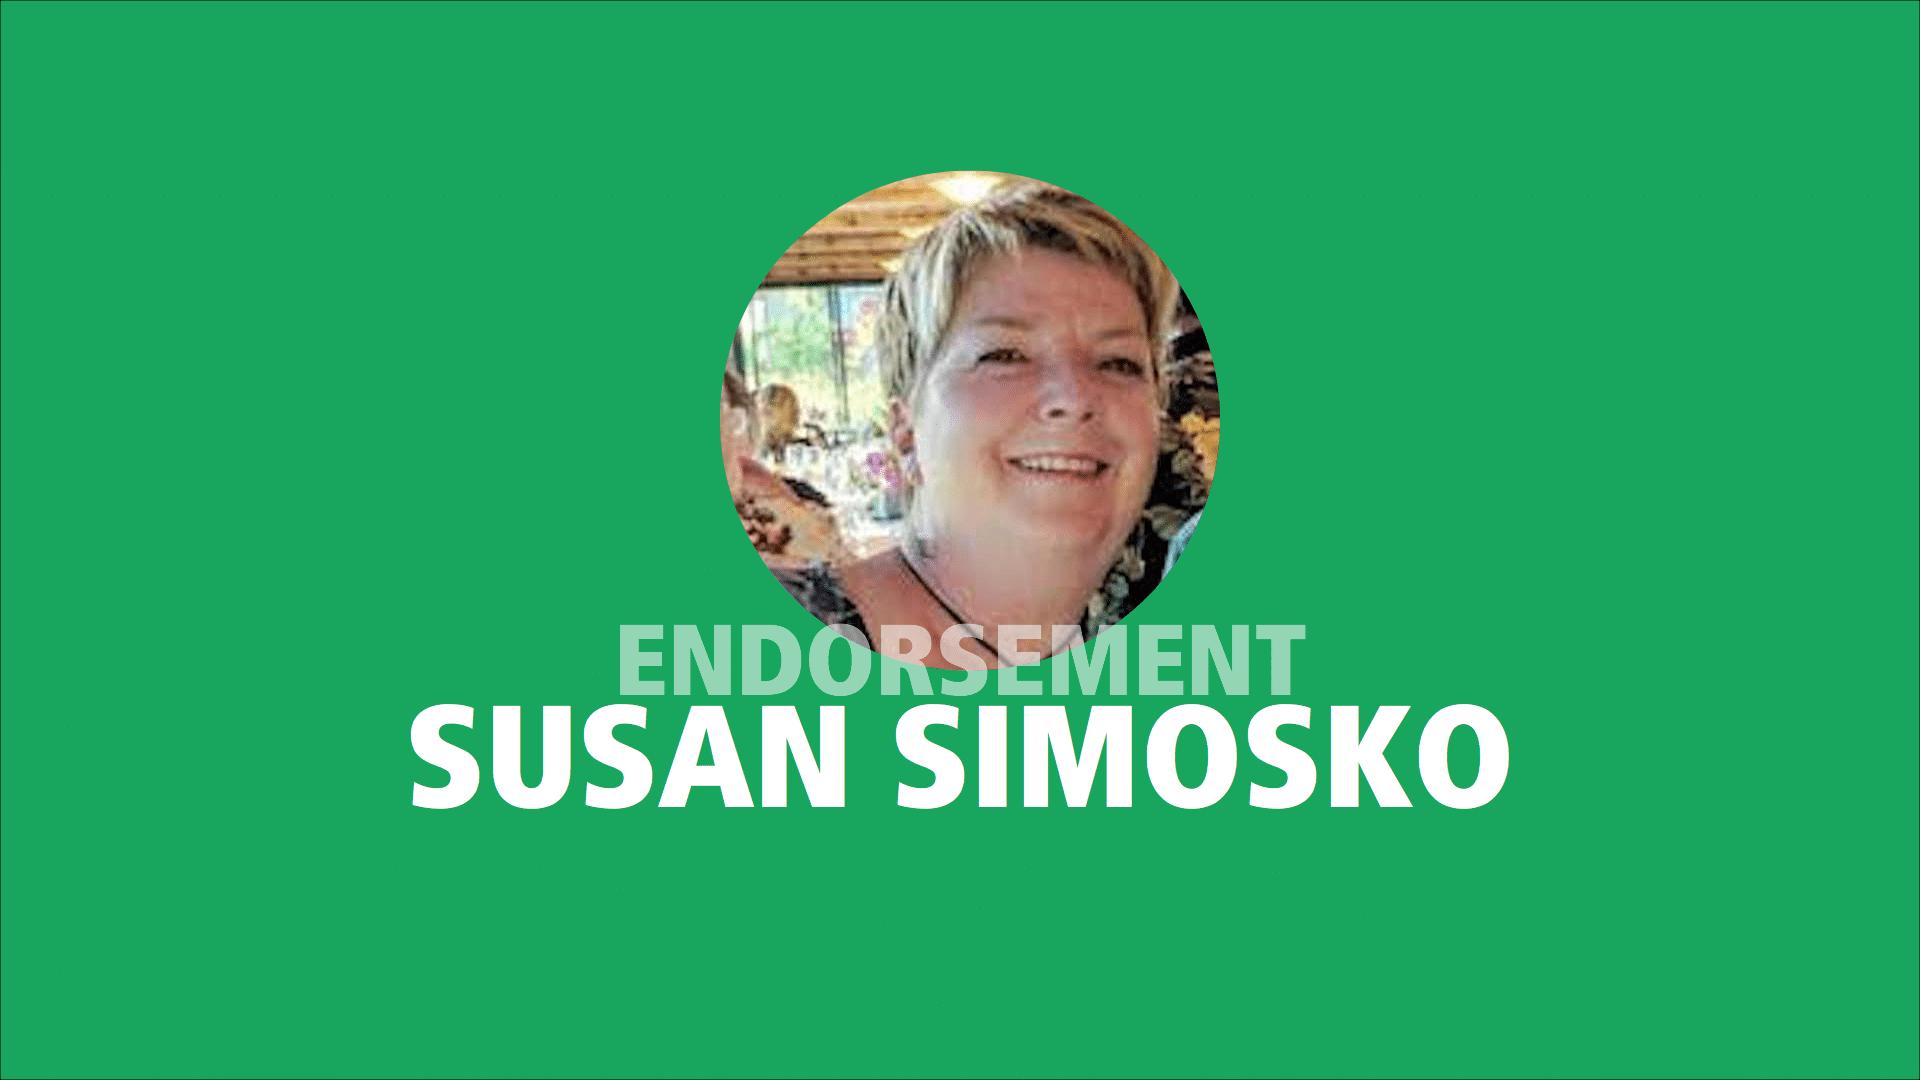 Susan Simosko endorses Adam Olsen